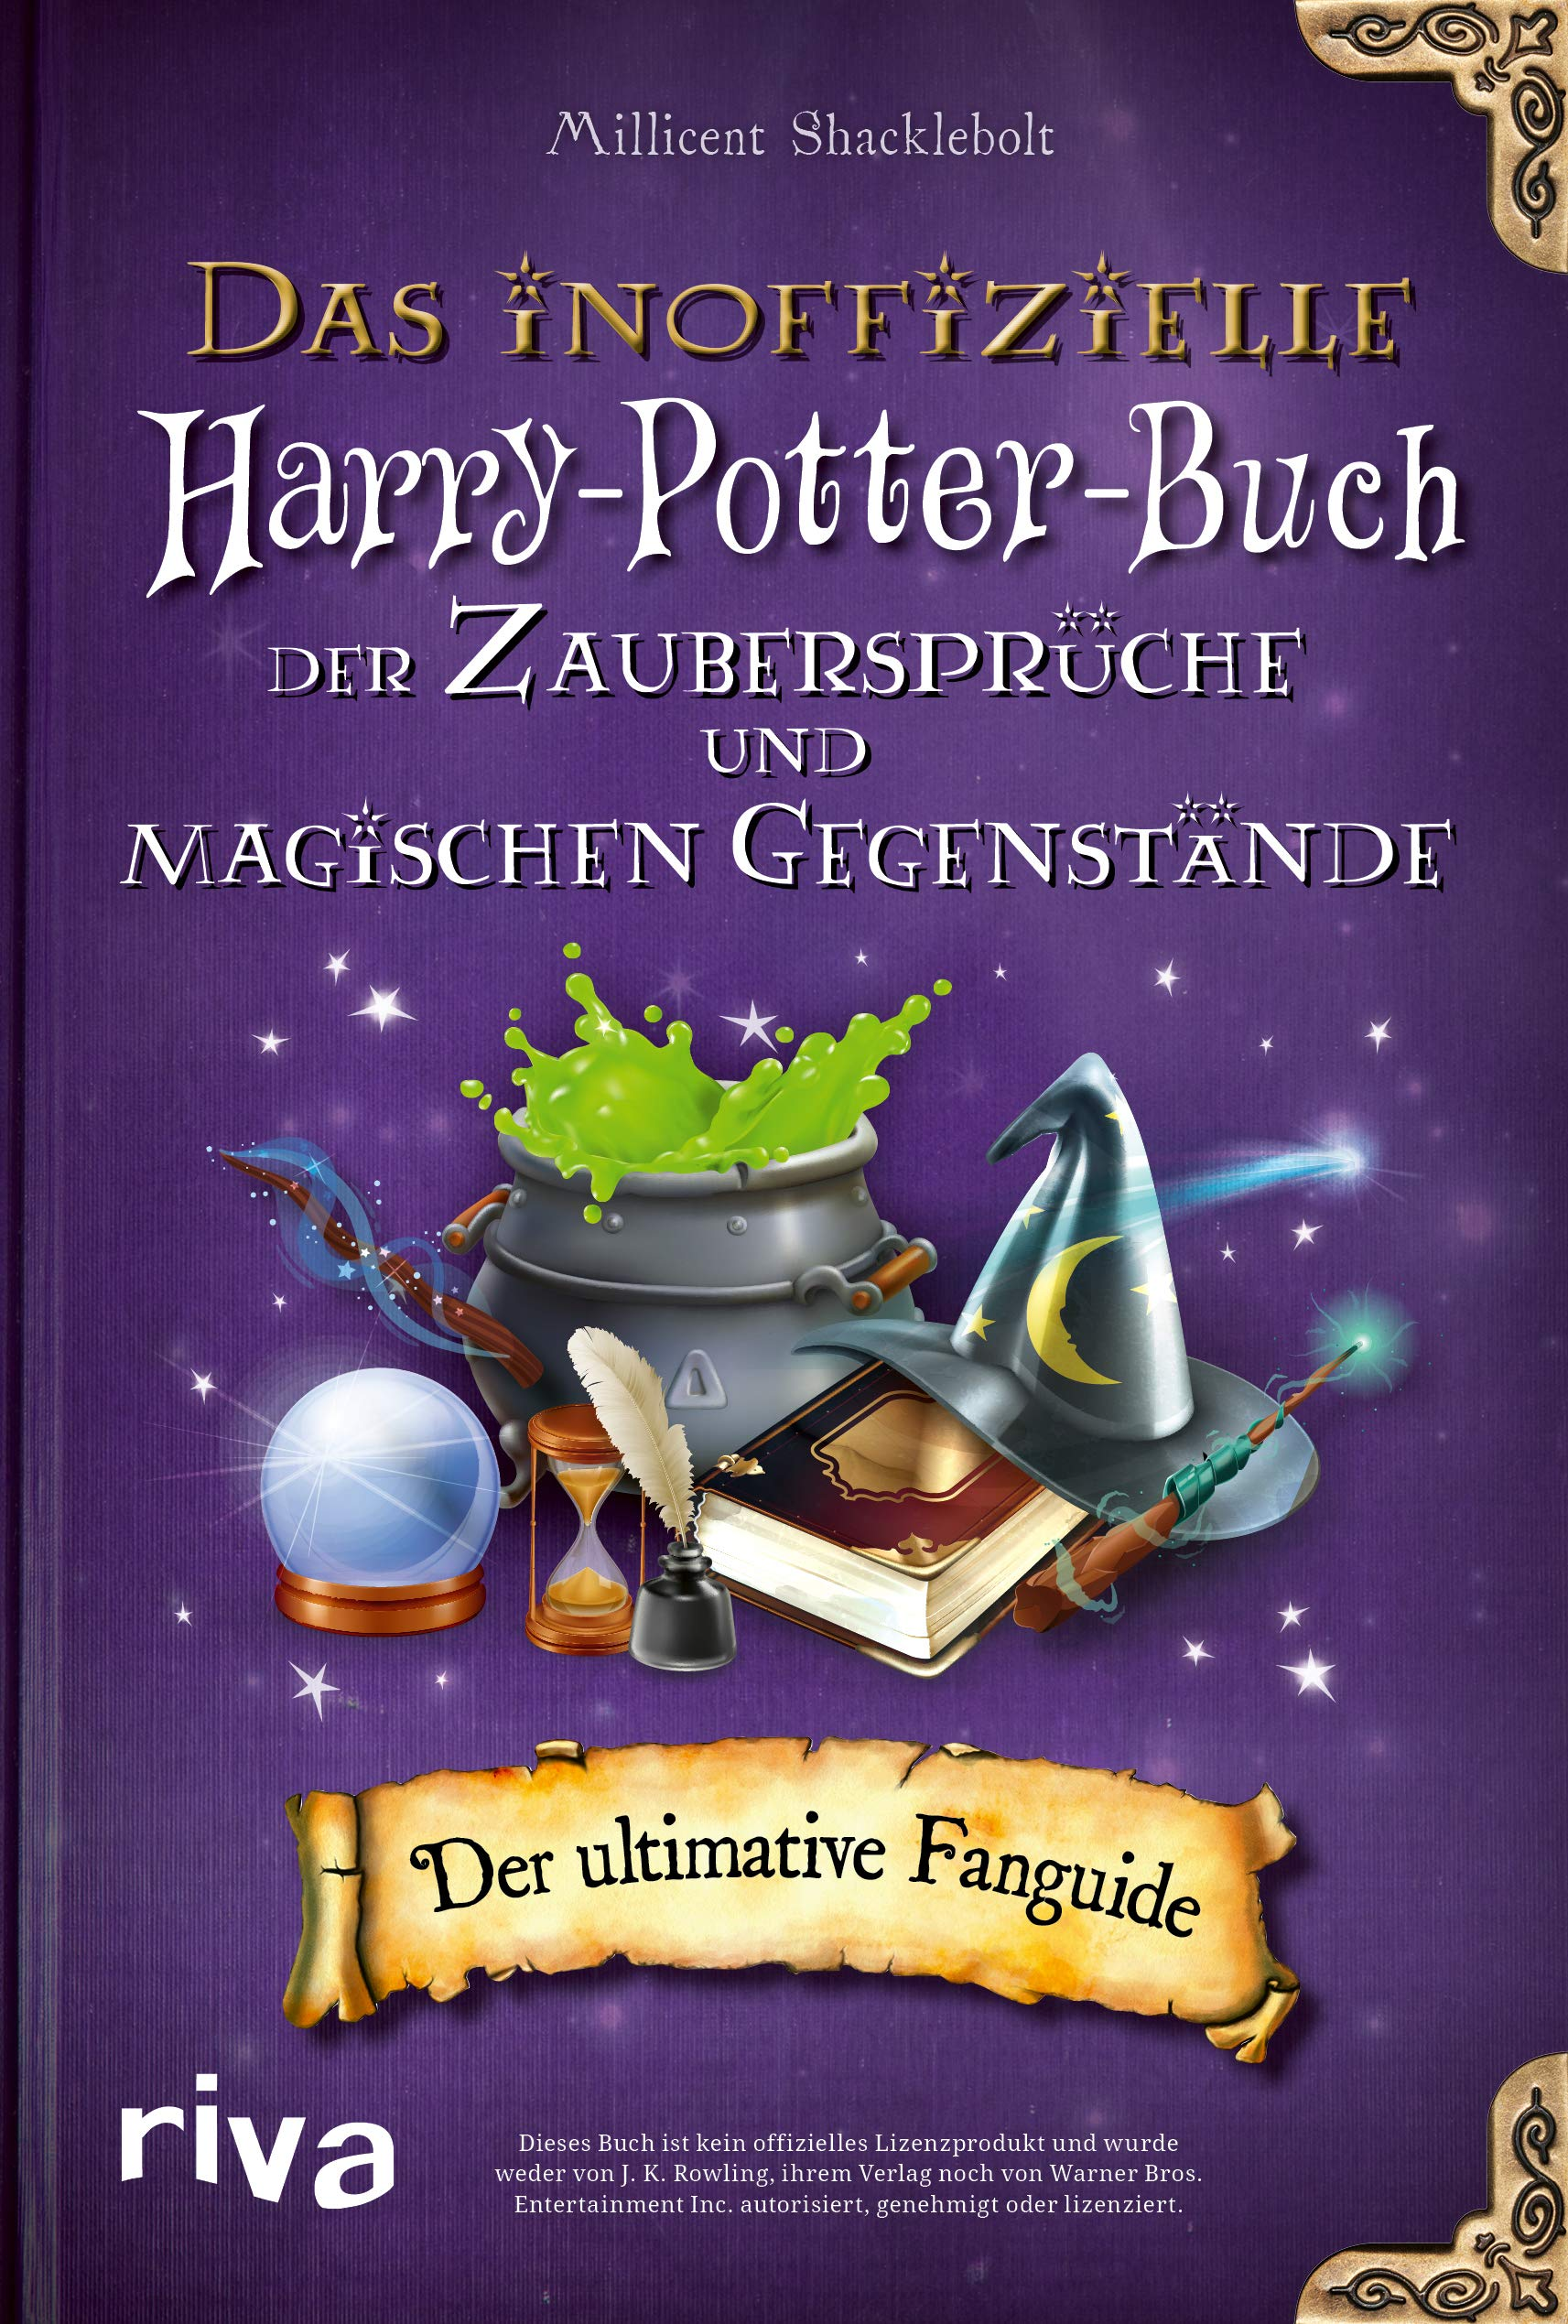 Das Inoffizielle Harry Potter Buch Der Zauberspruche Und Magischen Gegenstande 9783742317612 Amazon Com Books